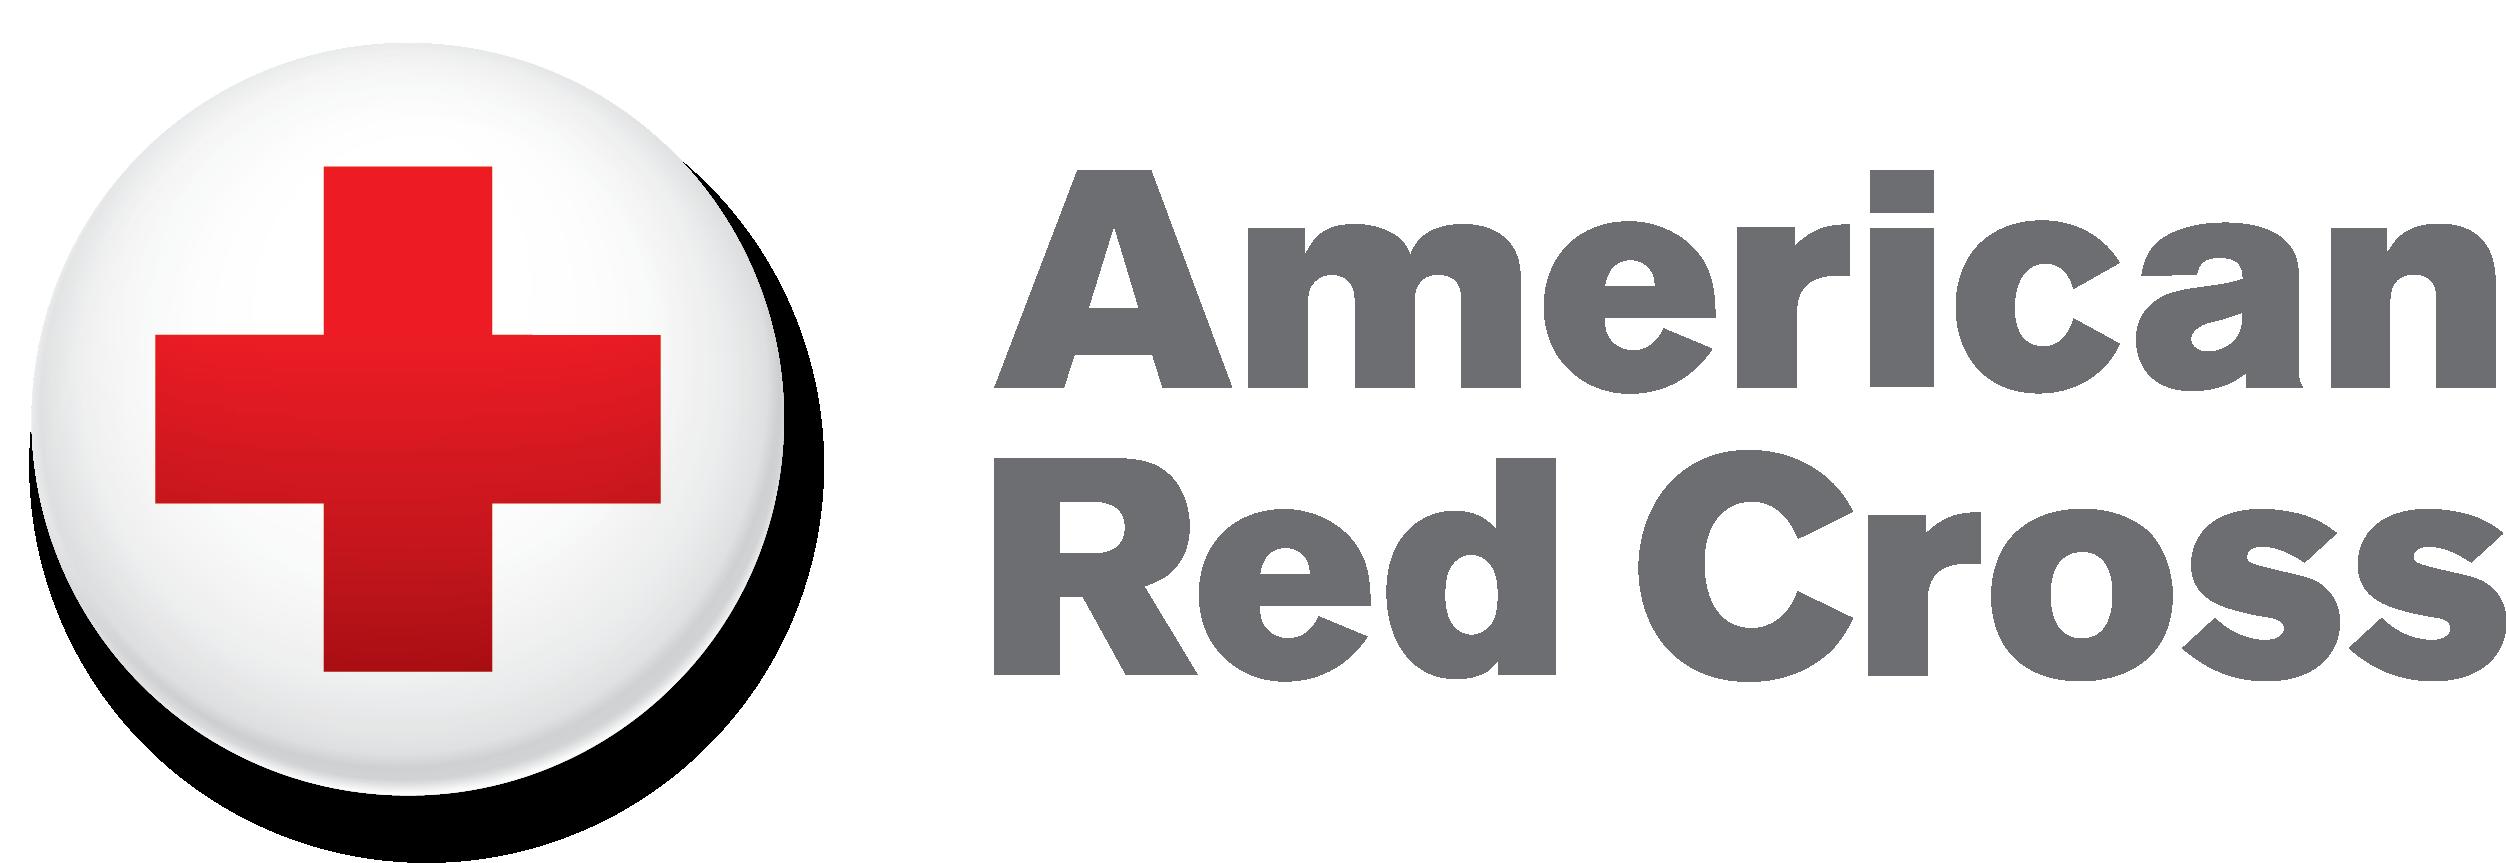 Red Cross Logo Arc Png Free Downloads Logo Brand Emblems American Red Cross Red Cross Red Cross Logo